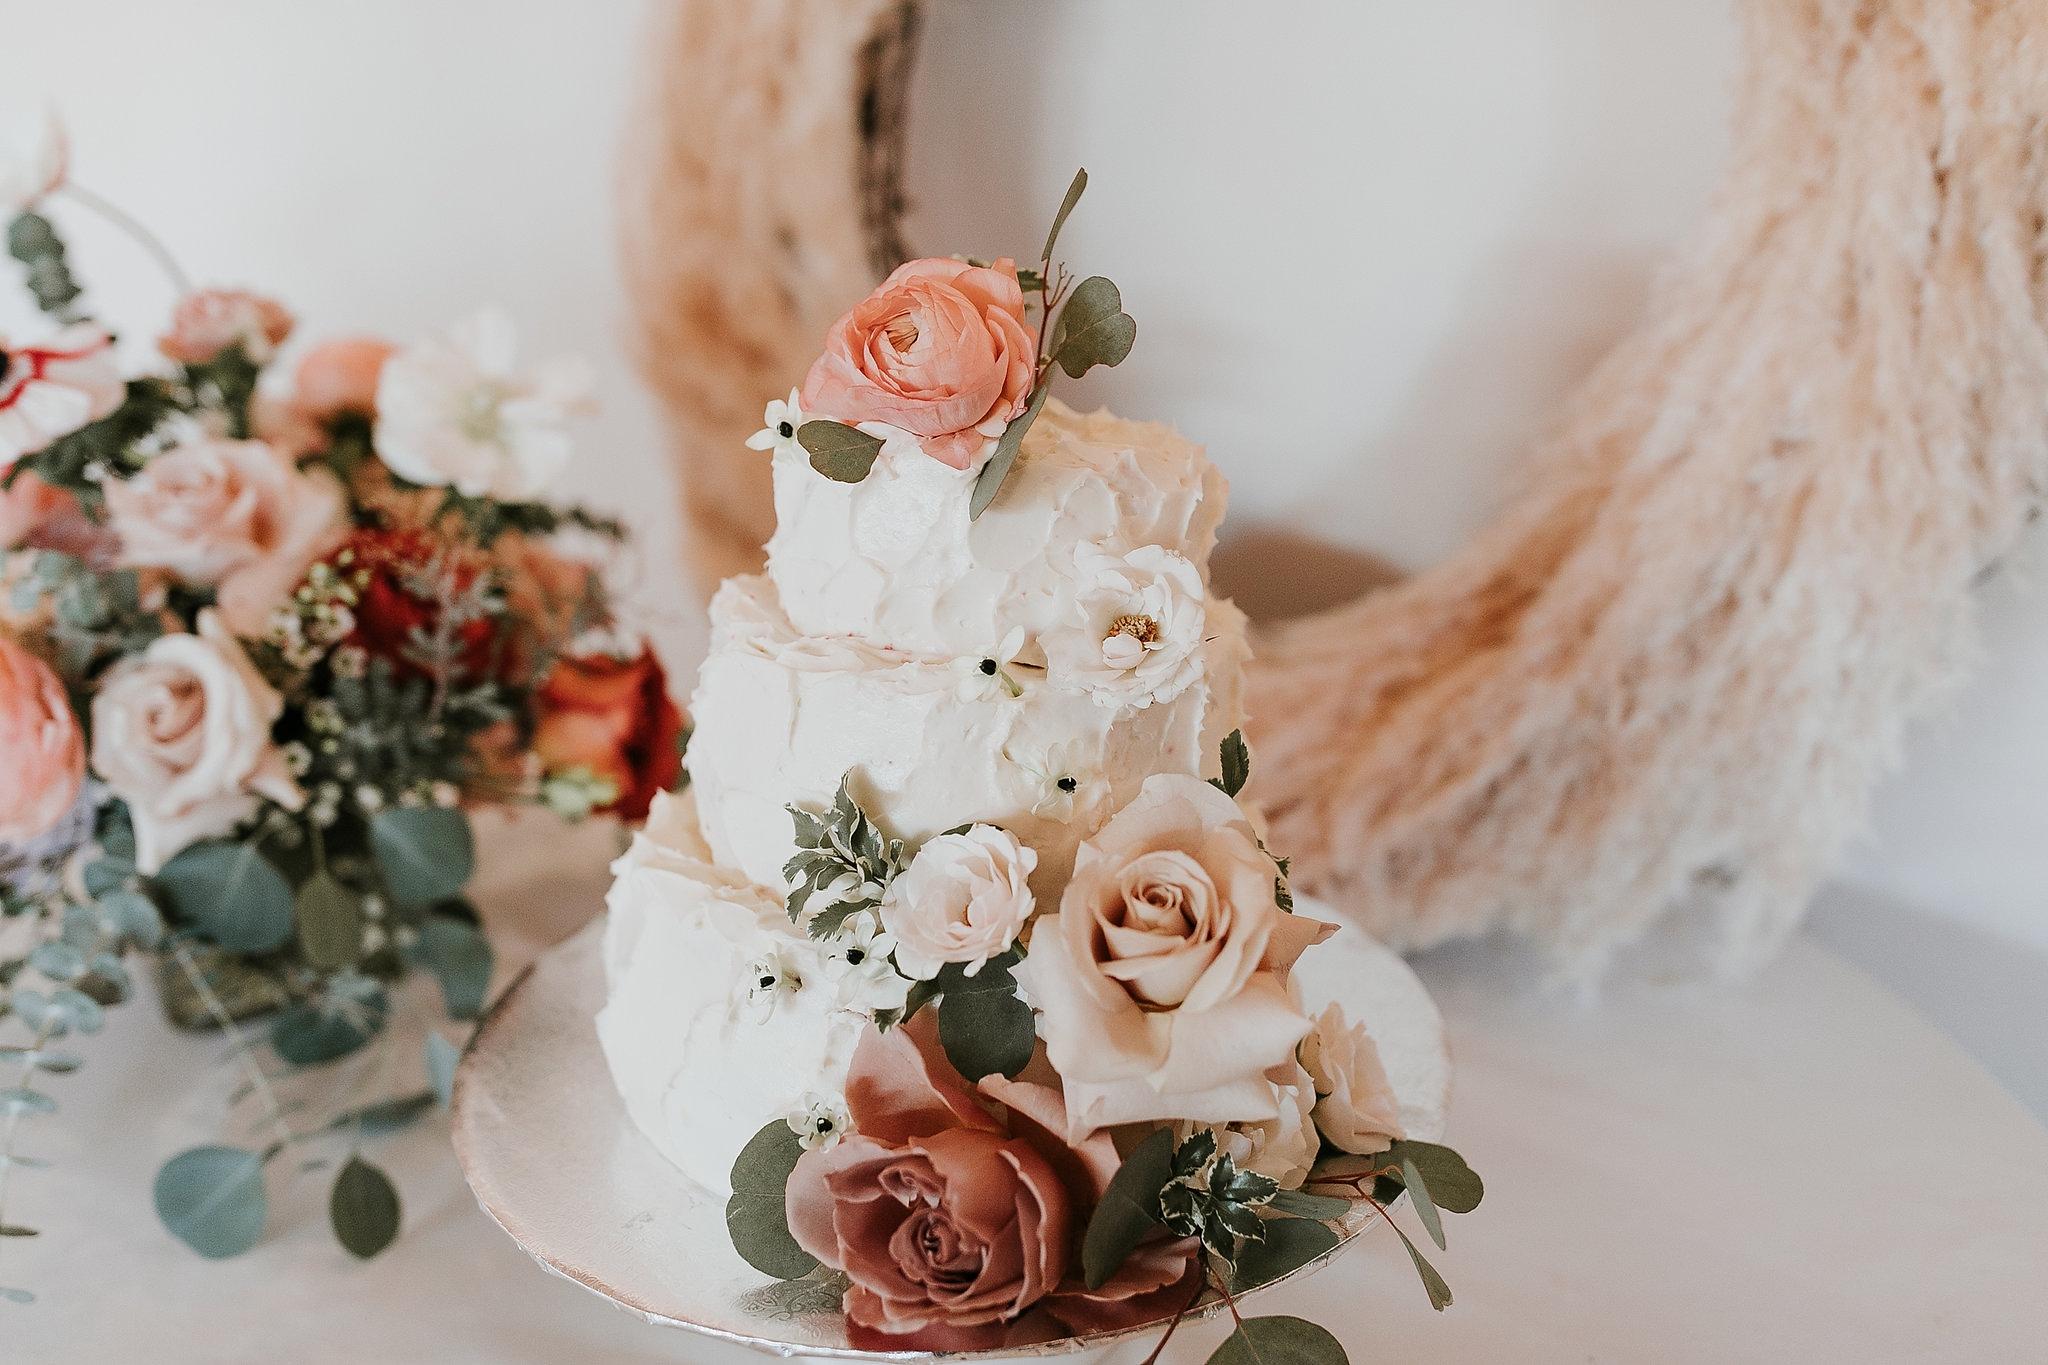 Alicia+lucia+photography+-+albuquerque+wedding+photographer+-+santa+fe+wedding+photography+-+new+mexico+wedding+photographer+-+new+mexico+florist+-+wedding+florist+-+renegade+floral_0058.jpg